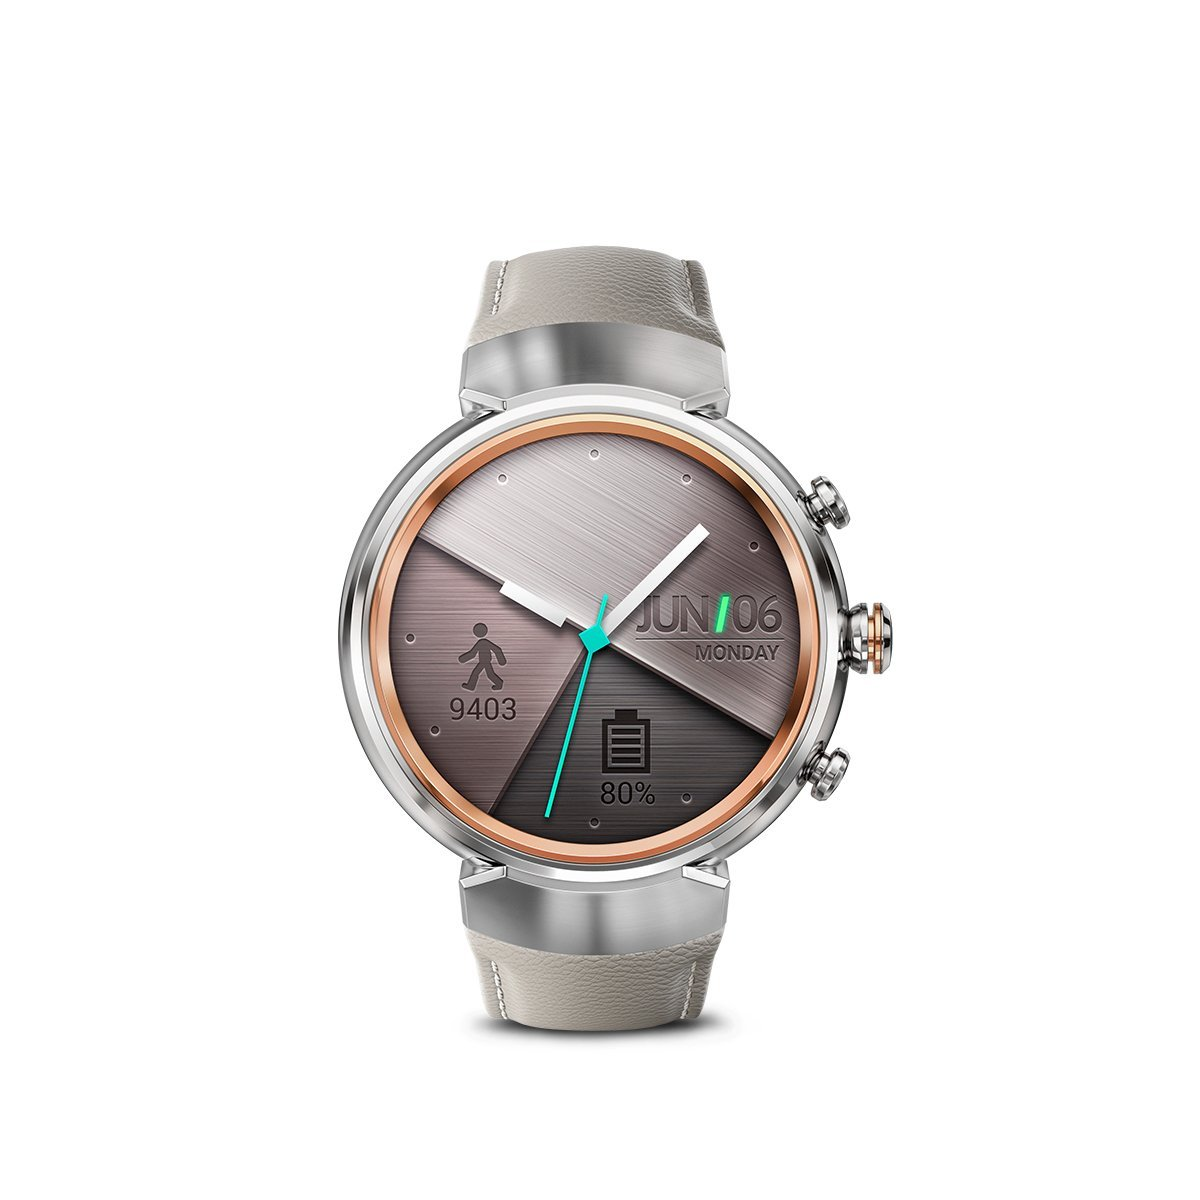 Asus ZenWatch 3 Smartwatch Silver/Beige WI503Q-SL-BG-BB ...